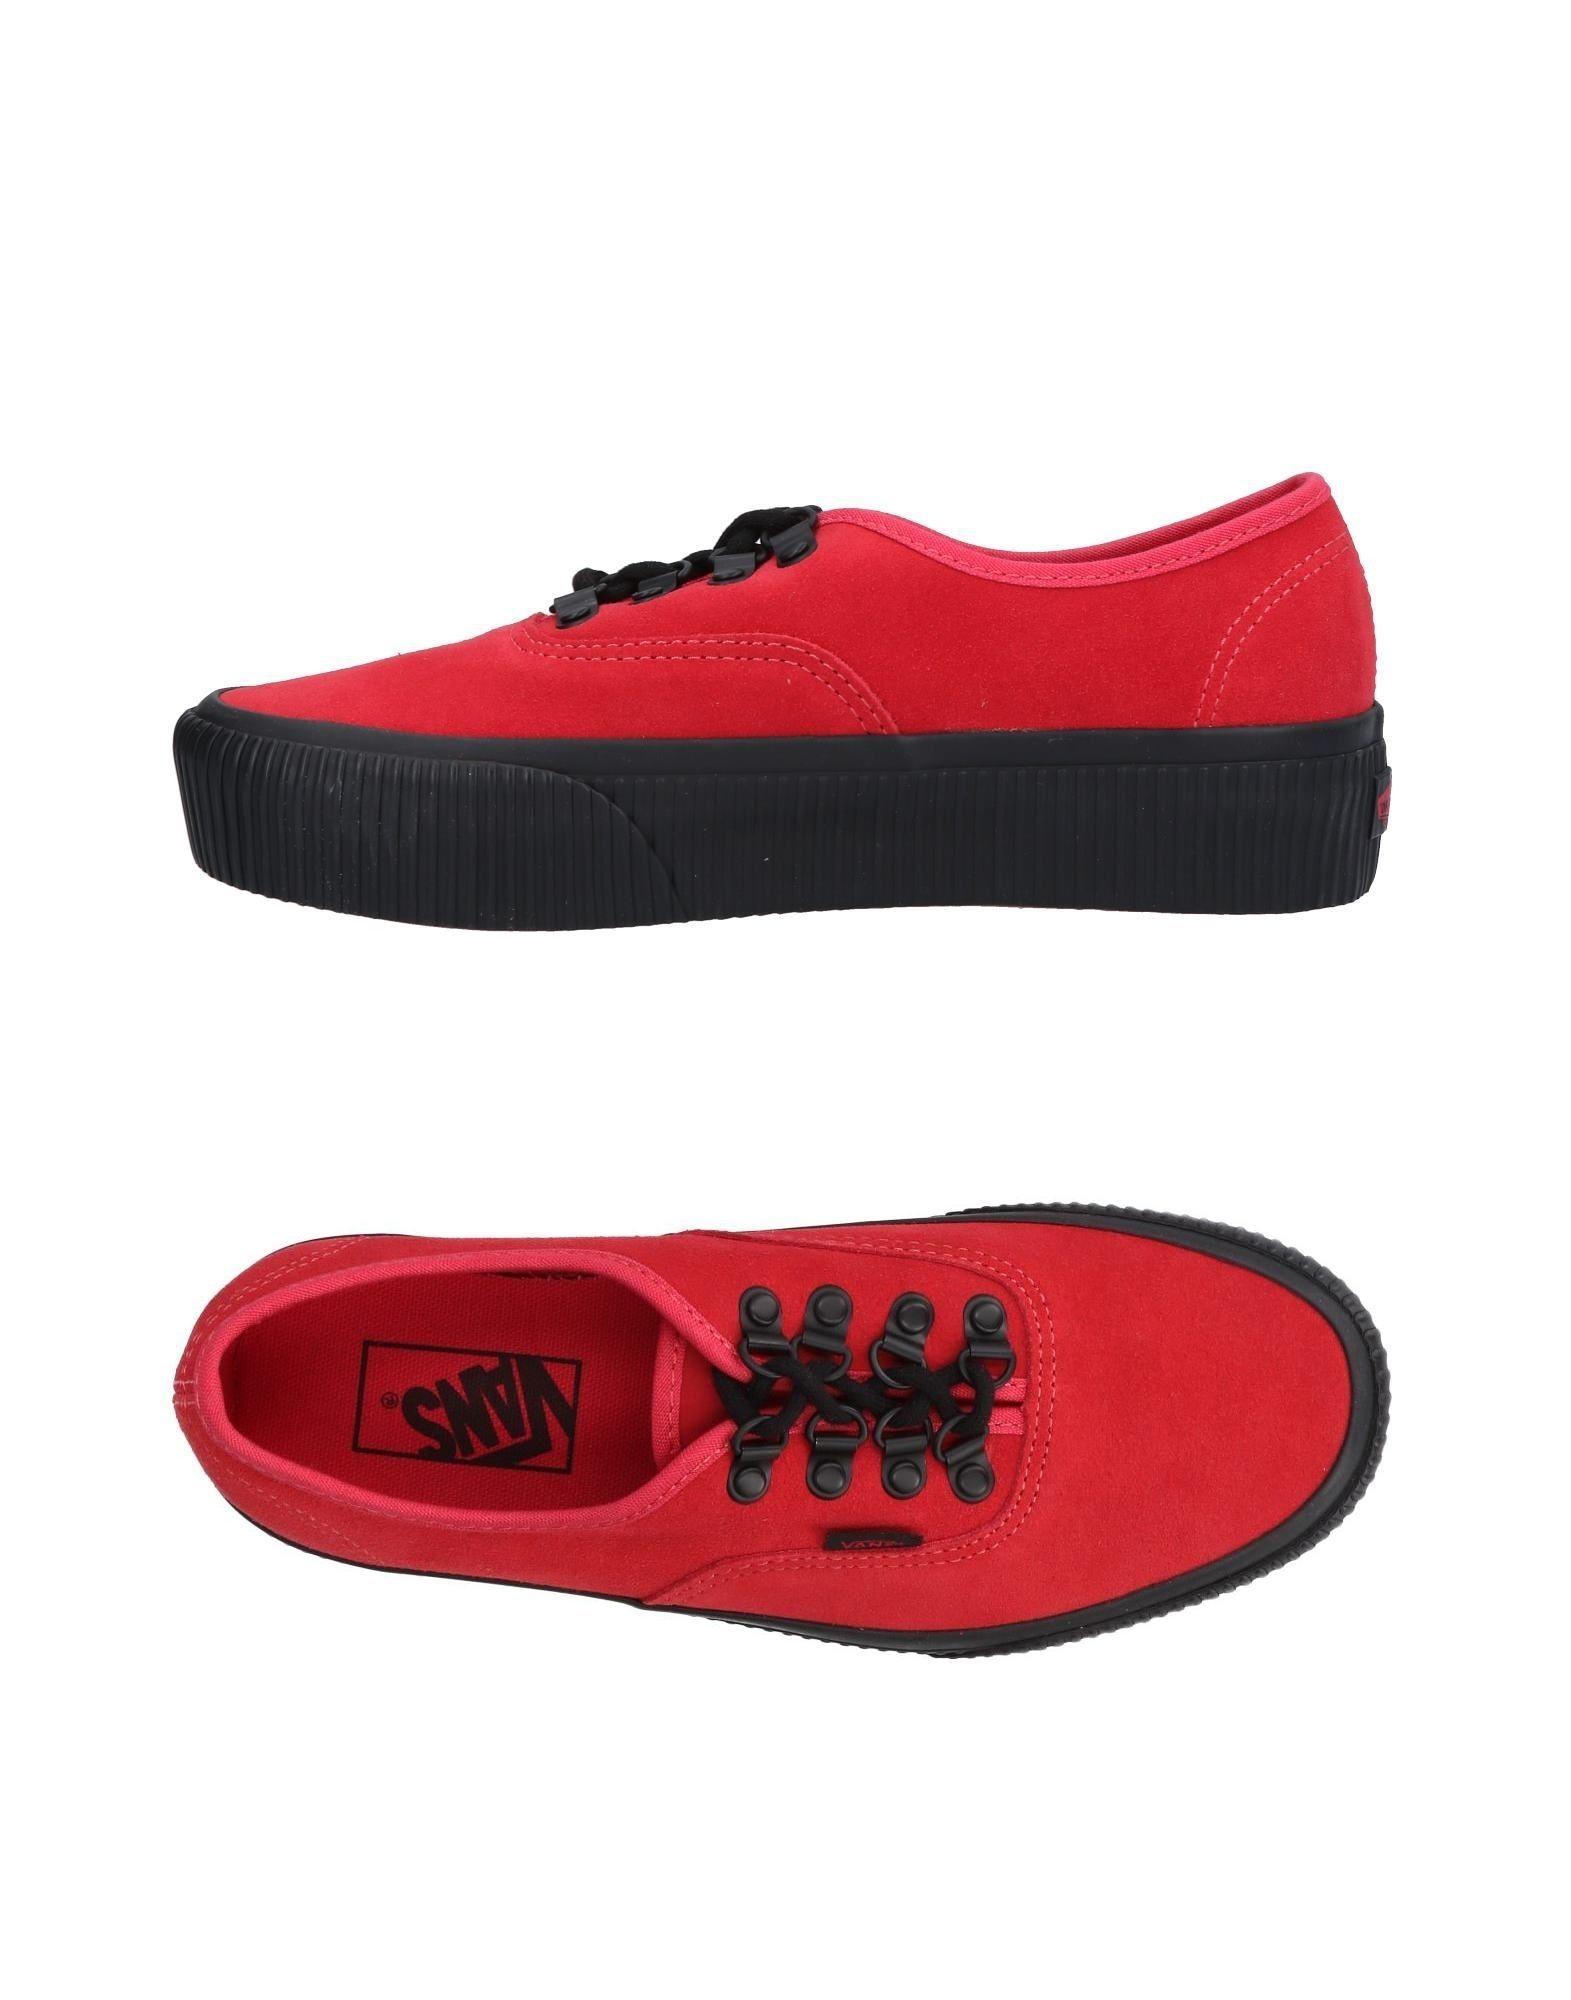 Baskets Vans Femme - Baskets Vans Brique Nouvelles chaussures pour hommes et femmes, remise limitée dans le temps